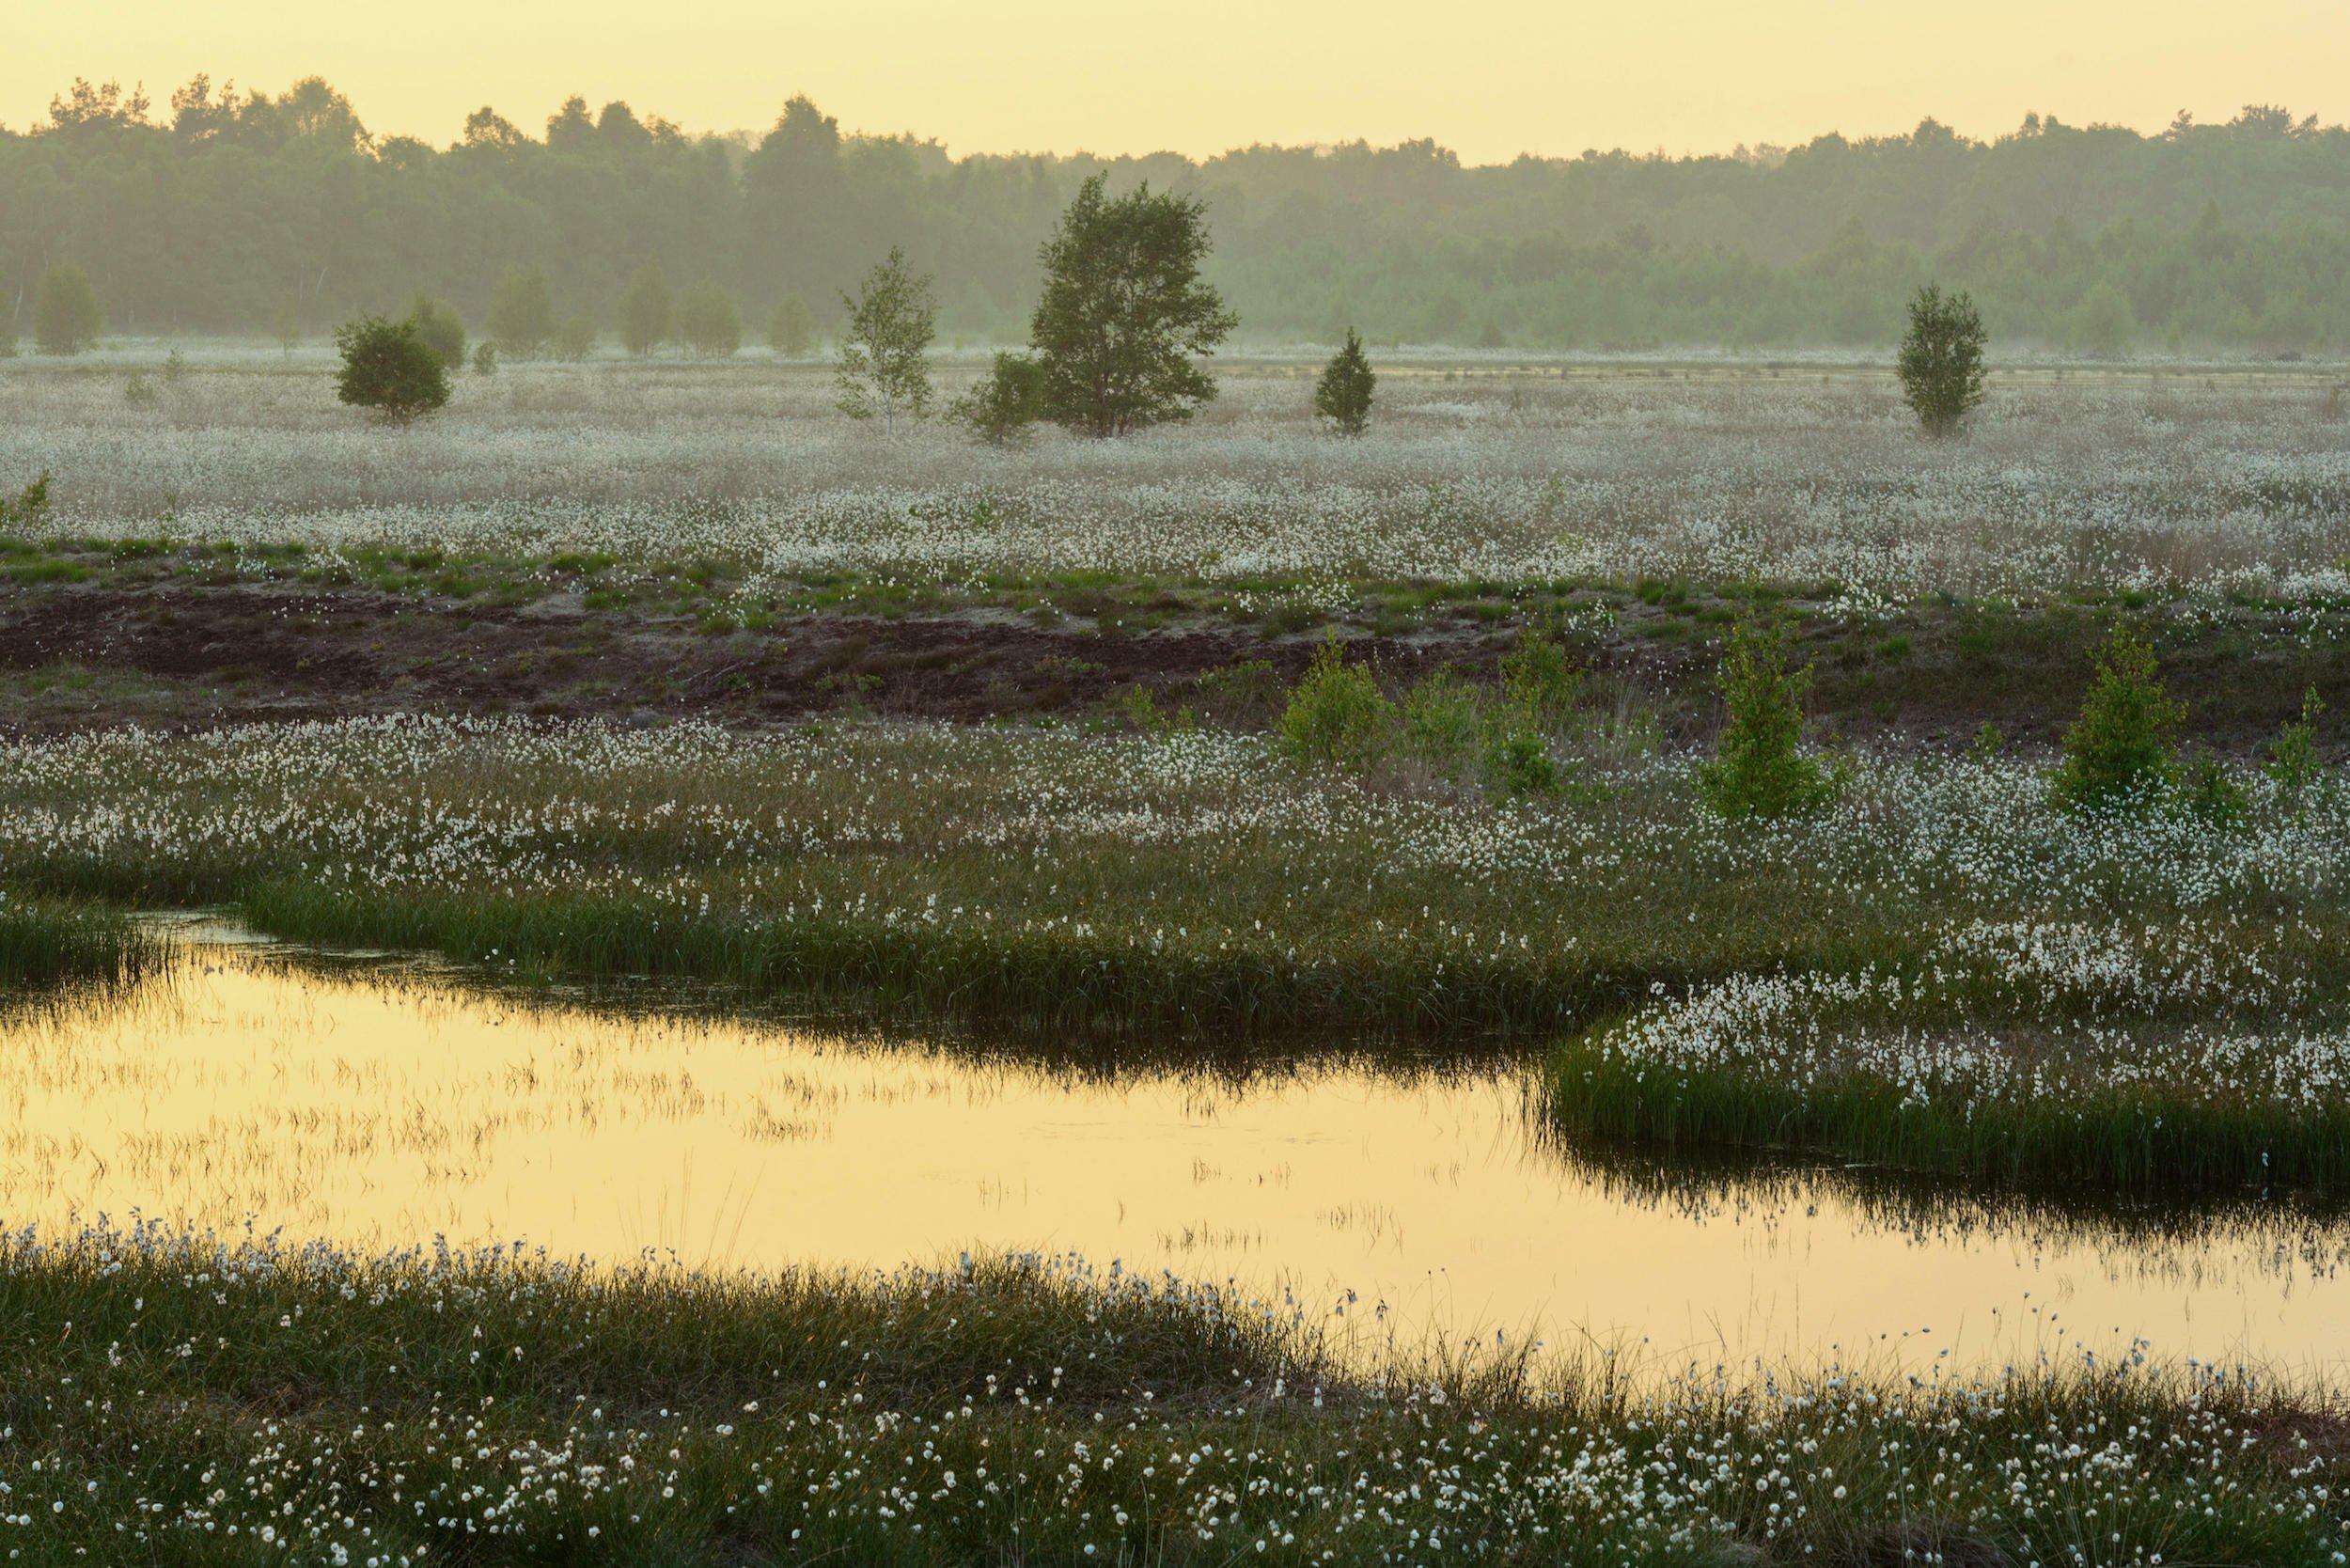 Moorlandschaft mit Wasserflächen und weißen Wollgrasbüscheln